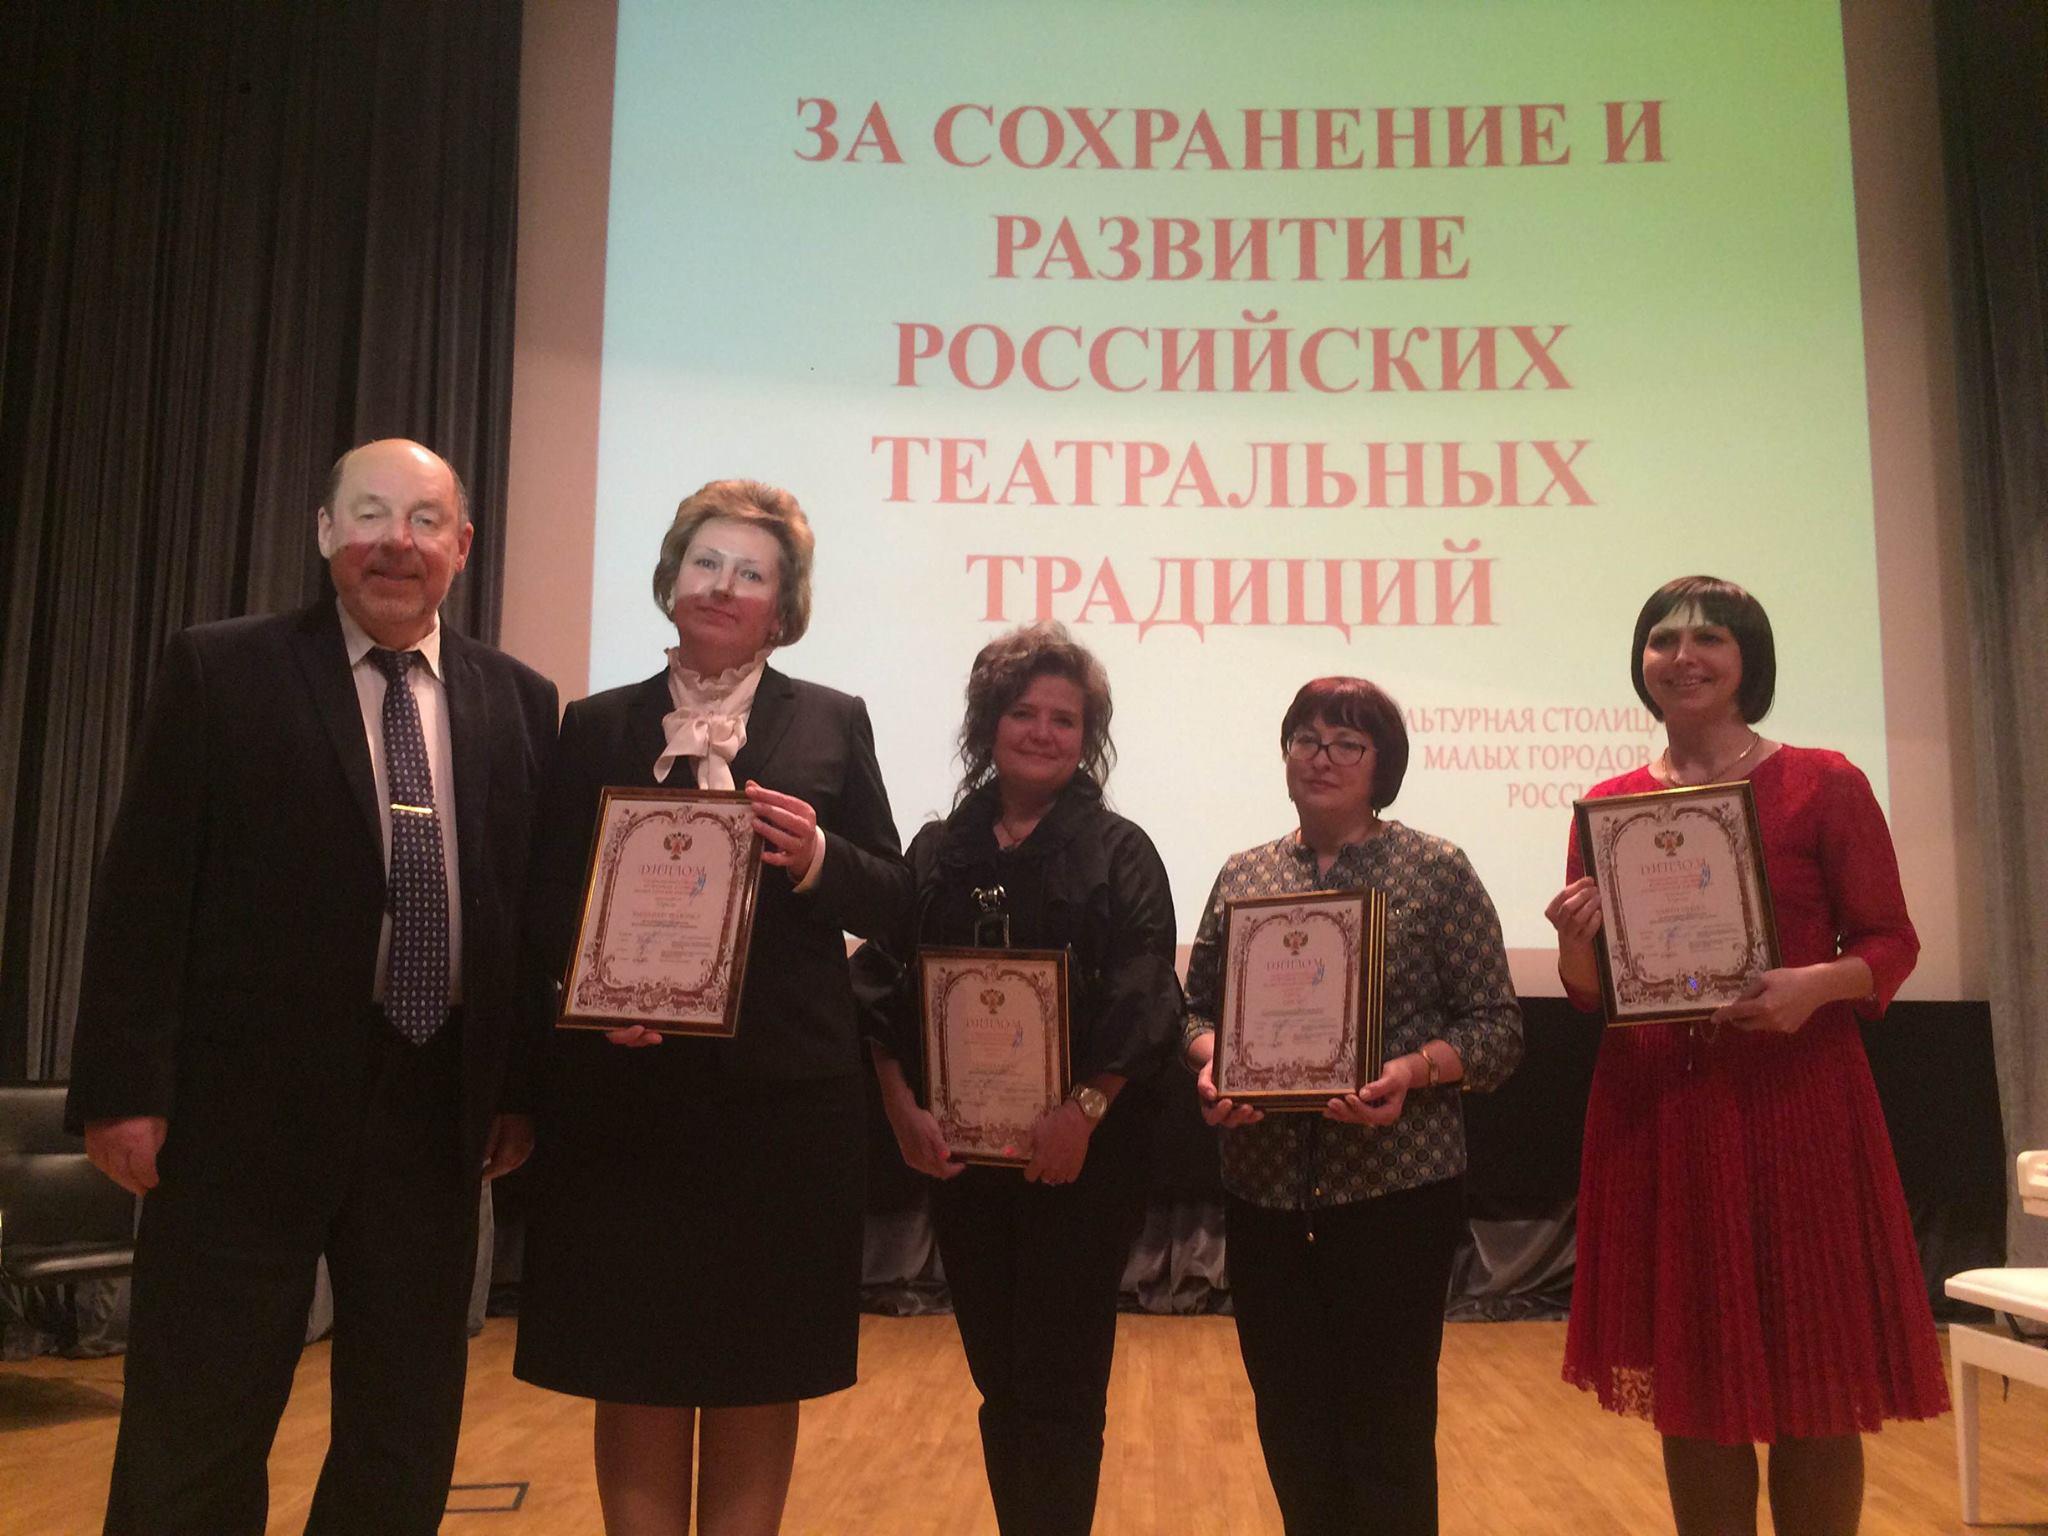 Новоуральск - культурная столица малых городов России!